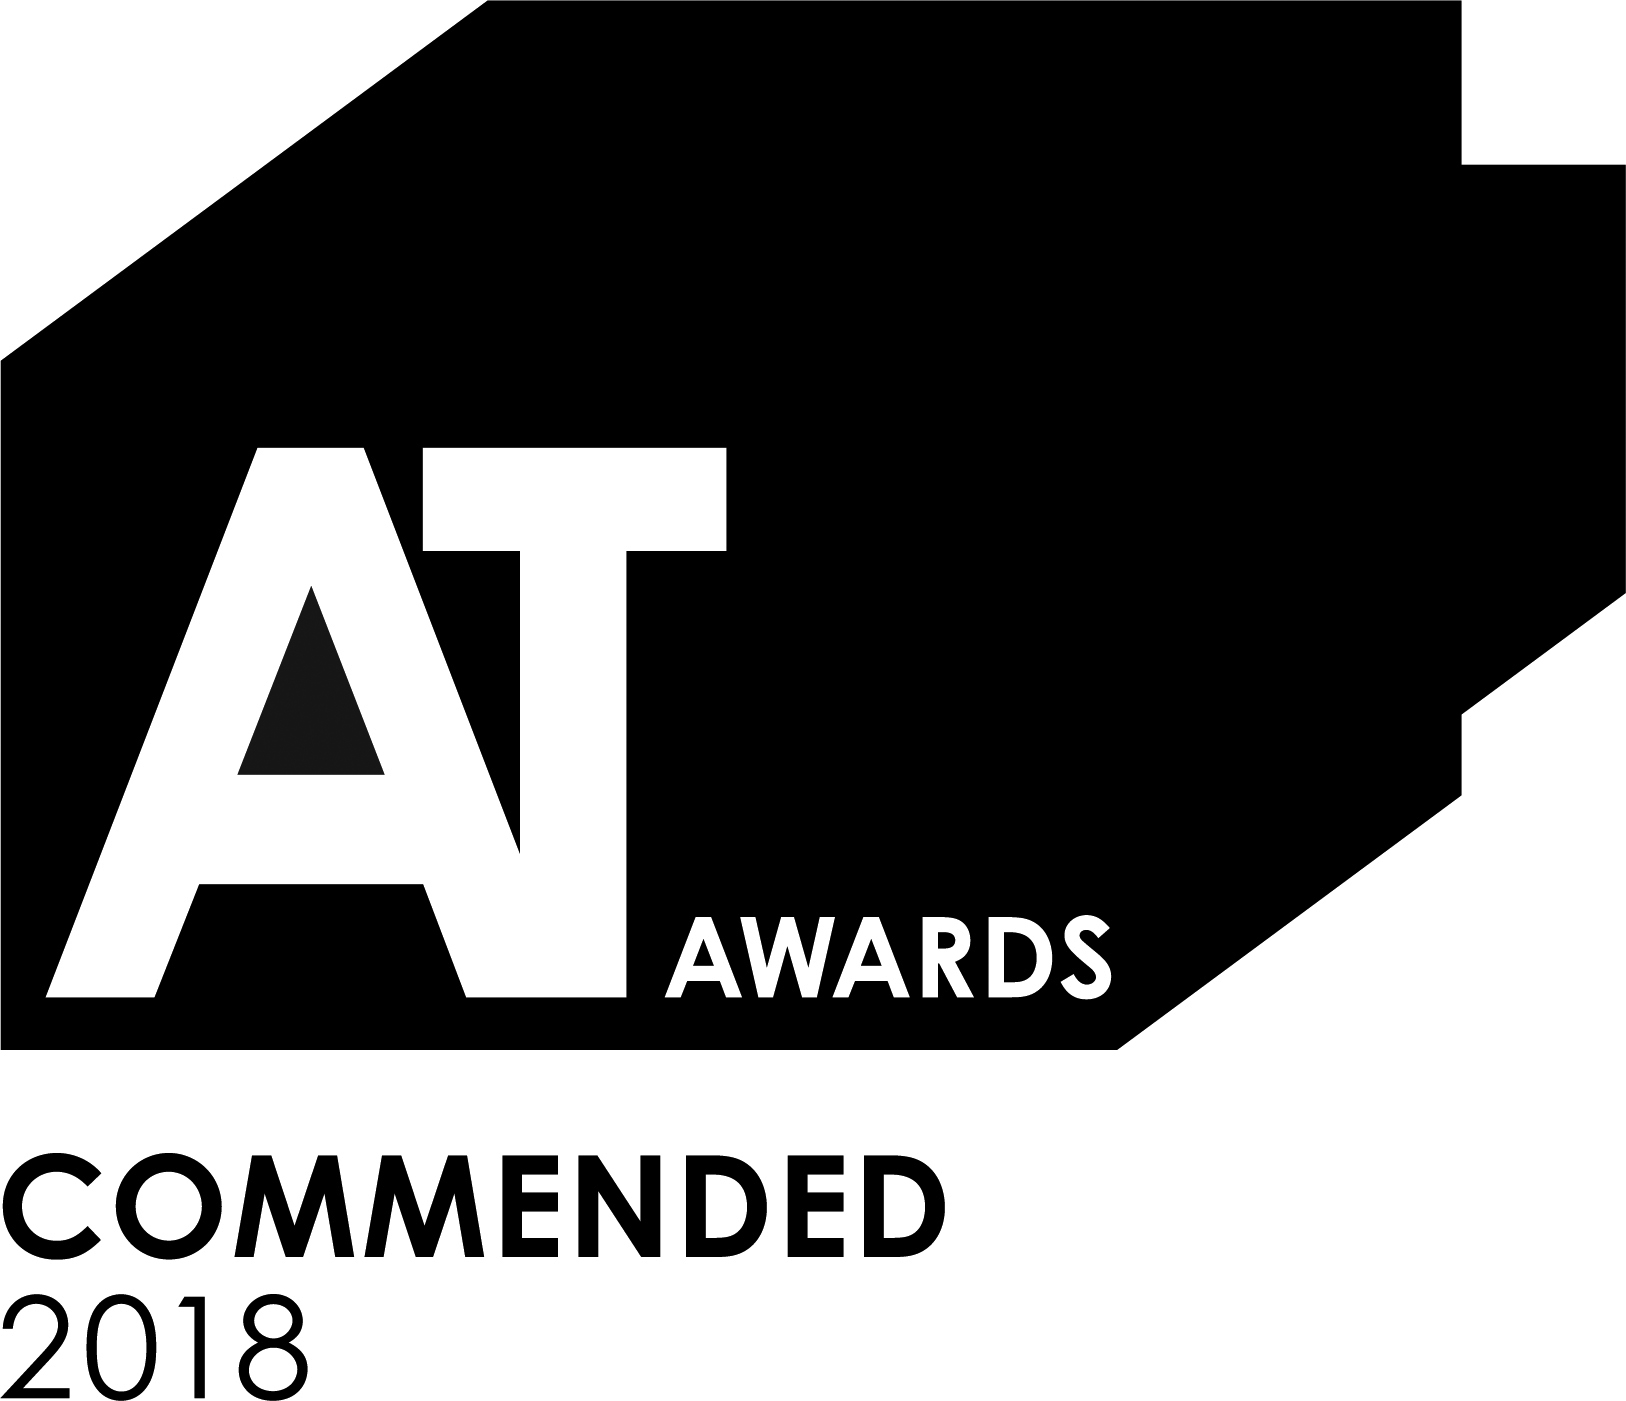 AT Awards logo